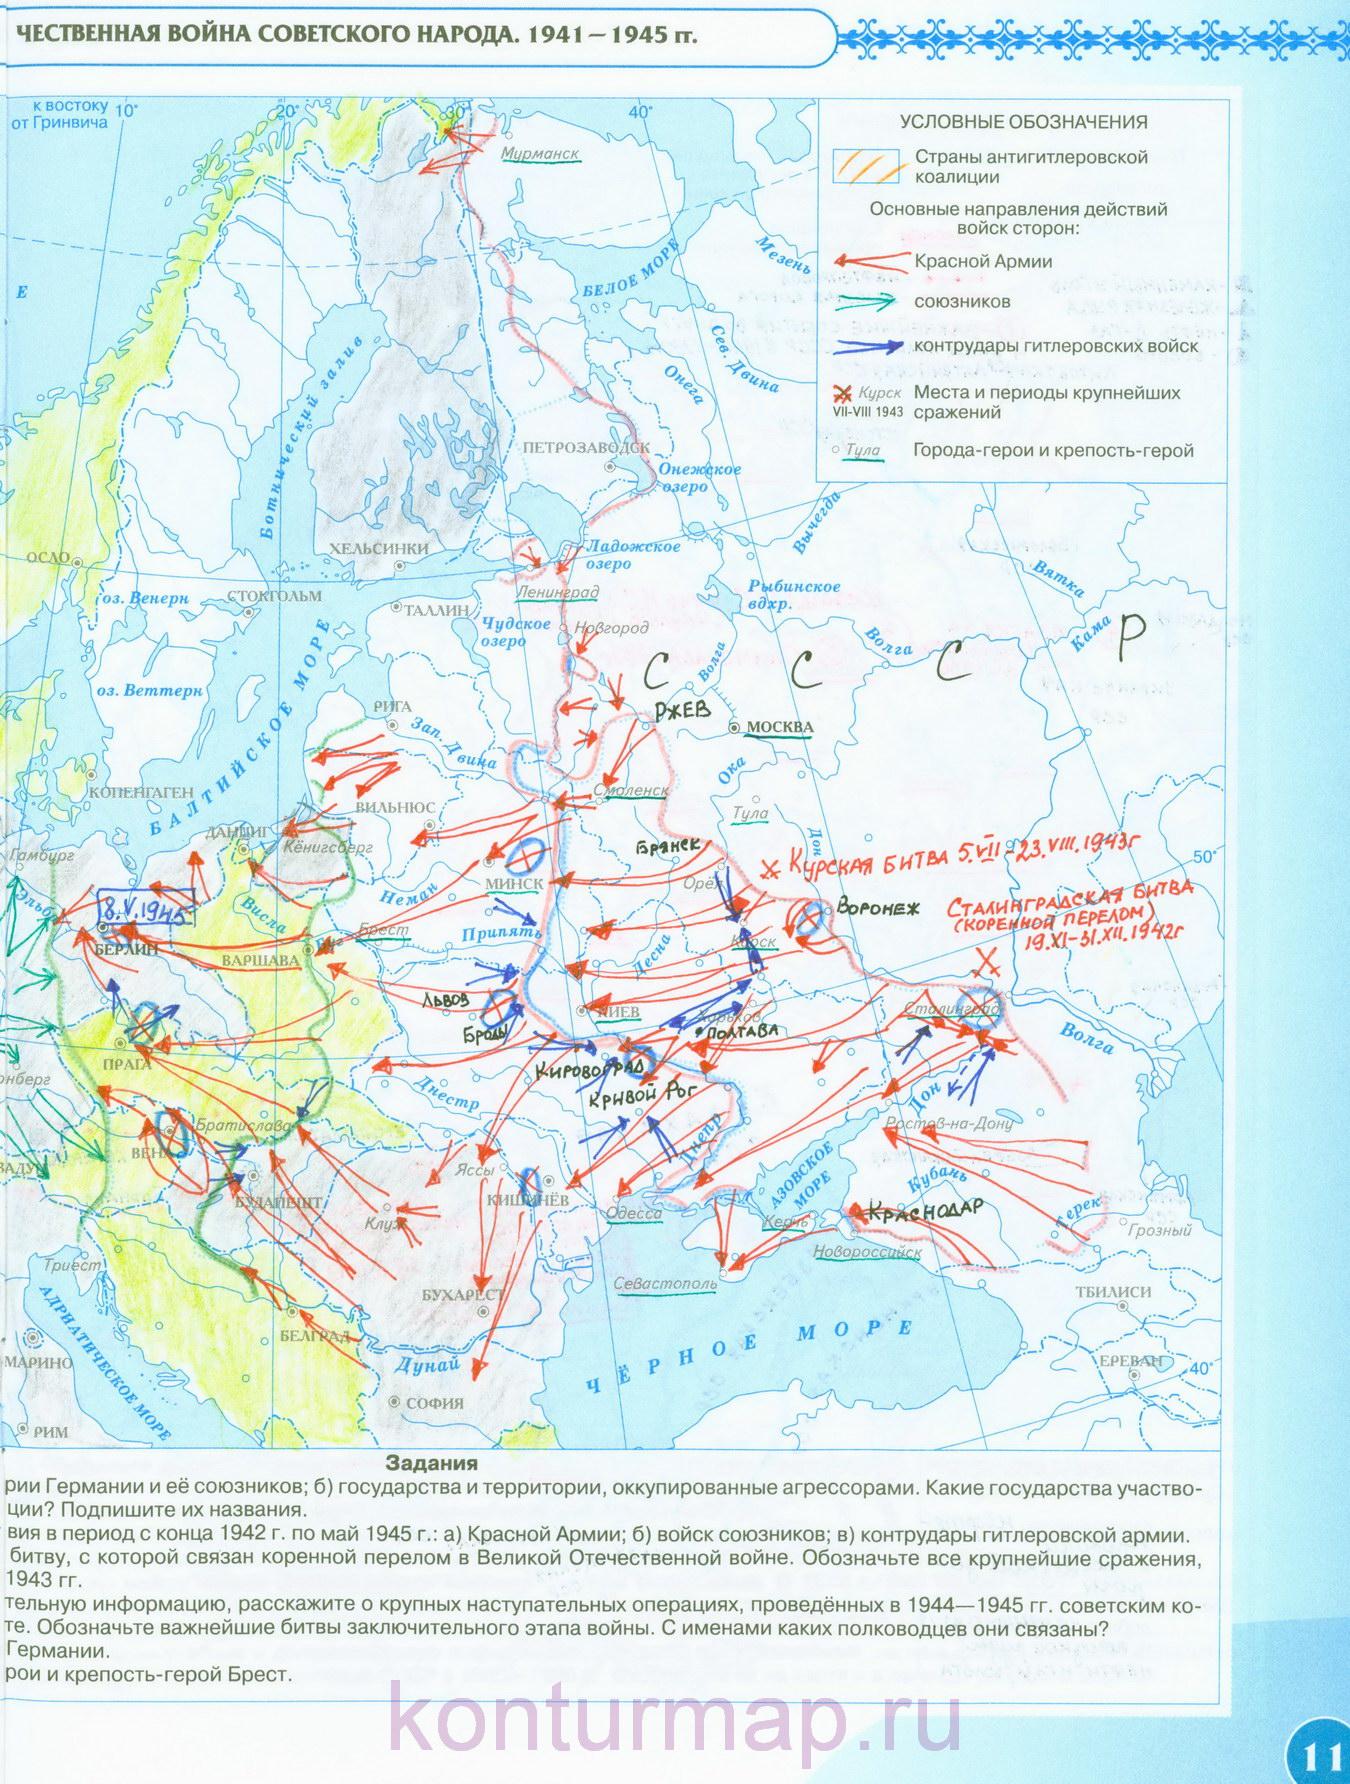 Гдз по истории 10 класса россия и мир